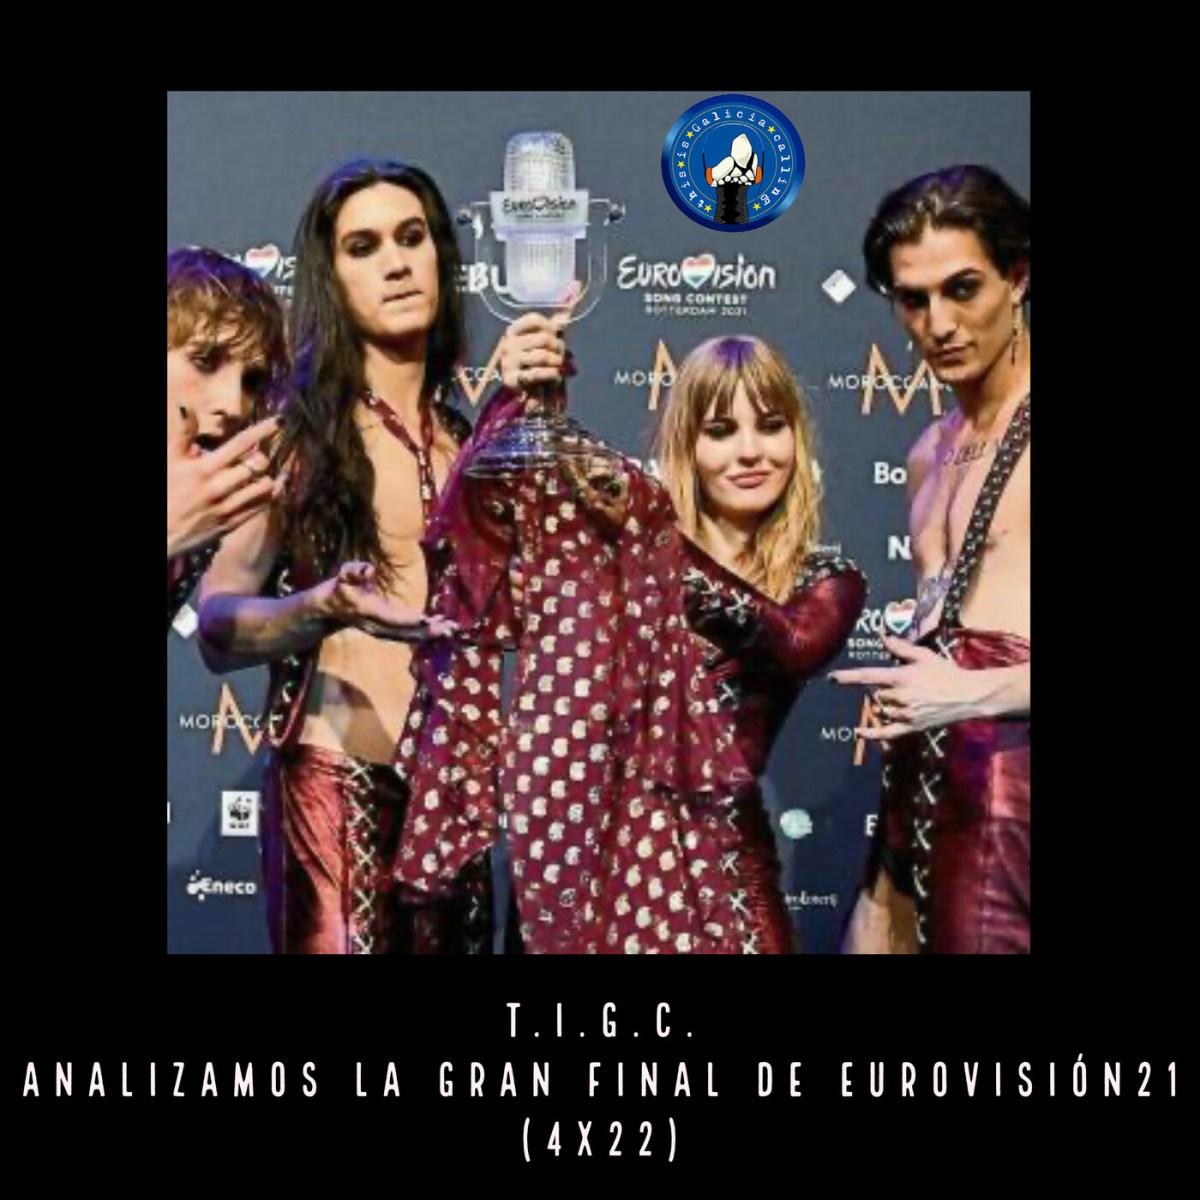 T.I.G.C. Analizamos la Gran Final de Eurovisión'21 (4×22)